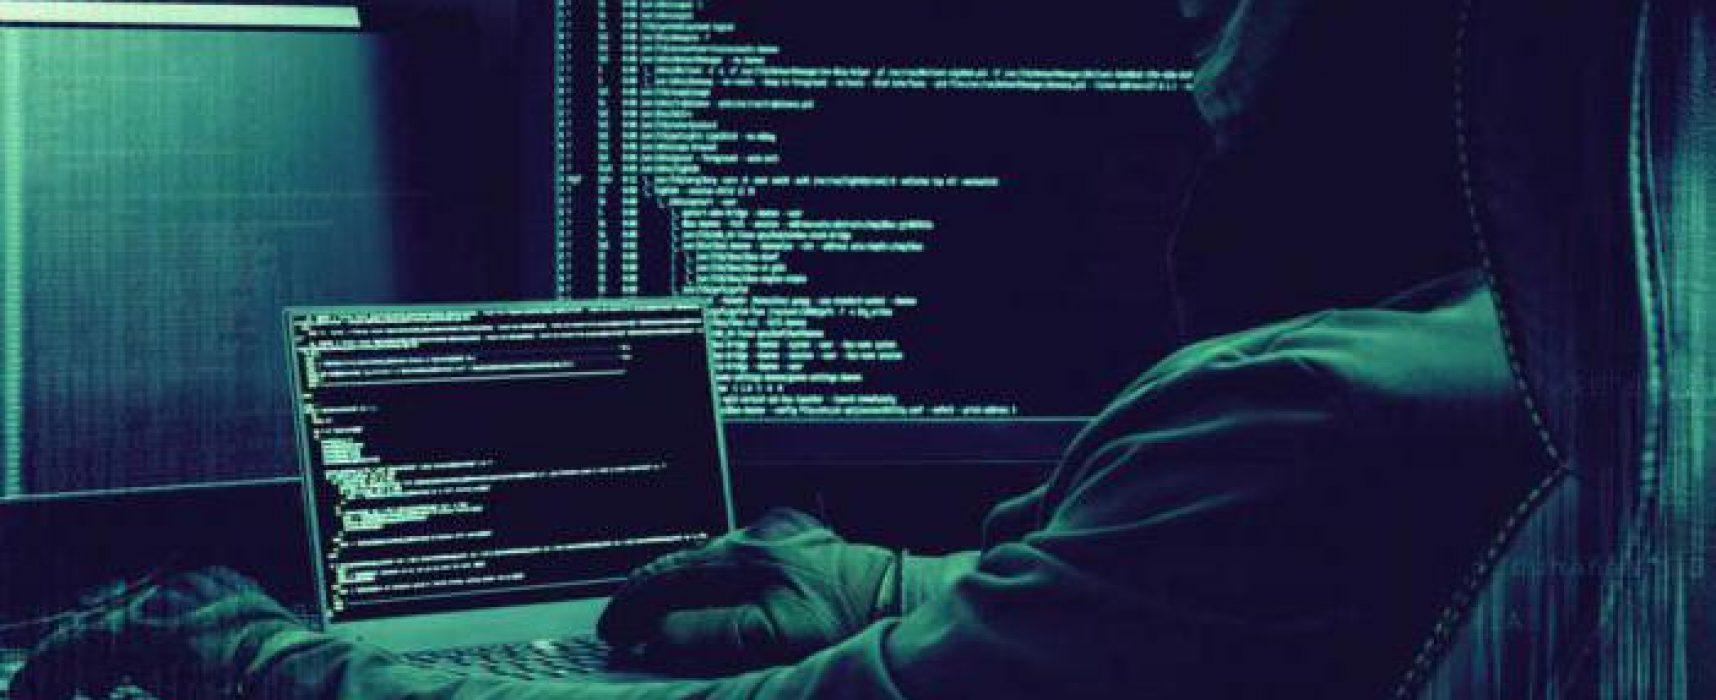 Хакер Козловский: на взломанном мной сервере Демпартии США я оставил файл с номером своего паспорта и визы